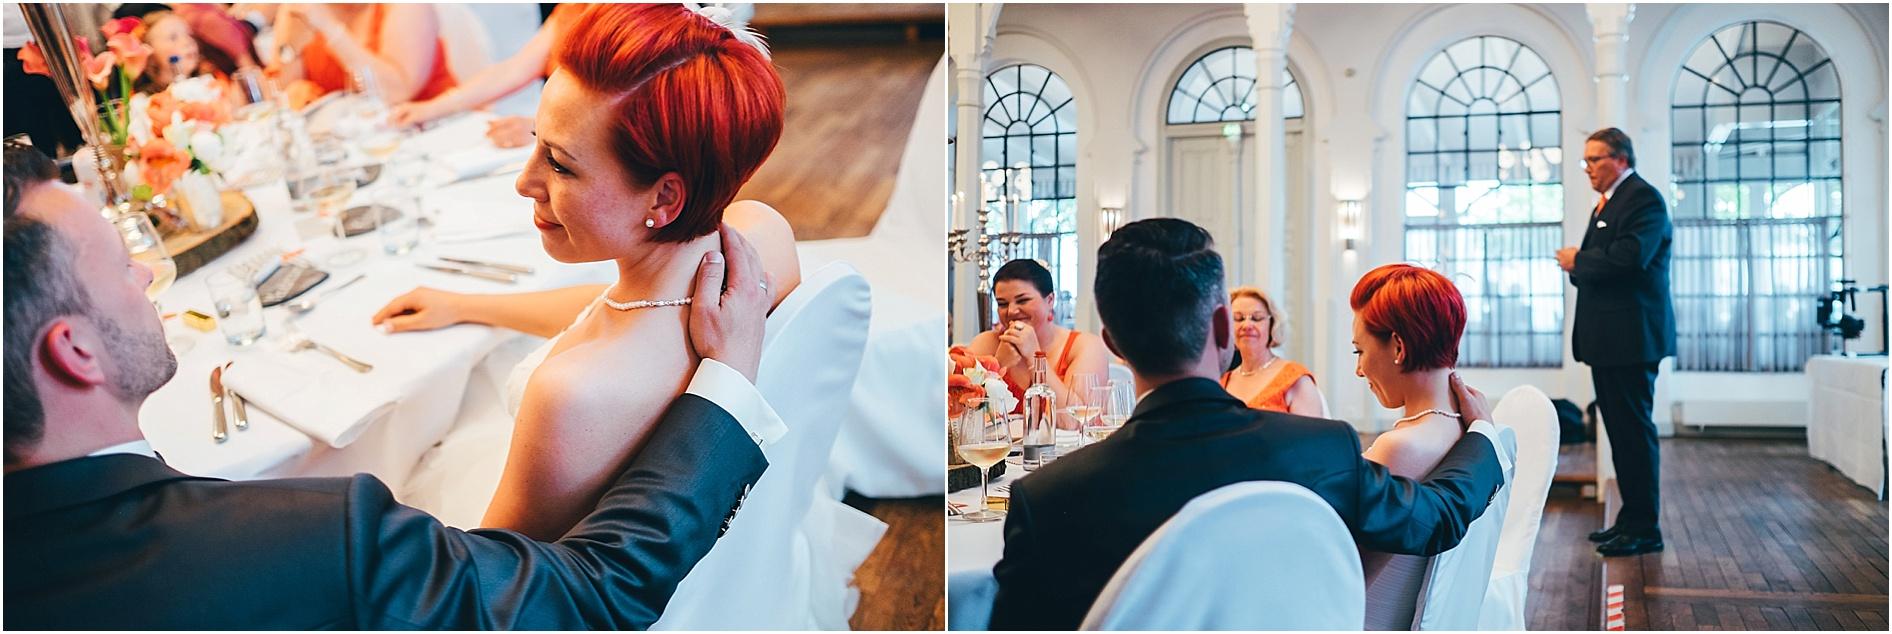 2015-10-27_0100 Tine & Chrischan - Hochzeitsfilm & Fotos in Lüneburg